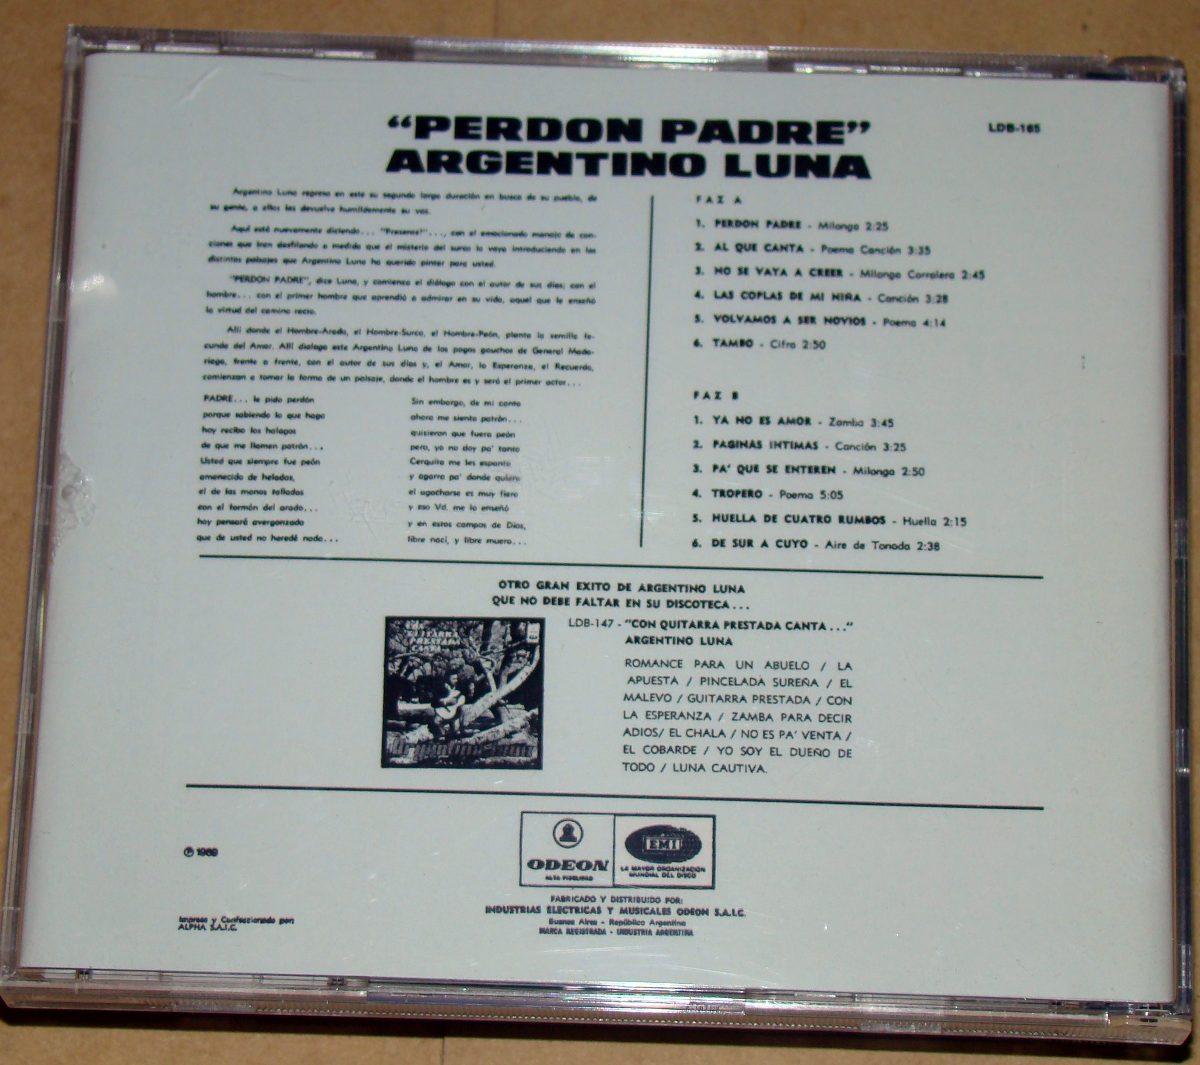 Argentino Luna Perdon Padre Cd Bajado De Lp 72888